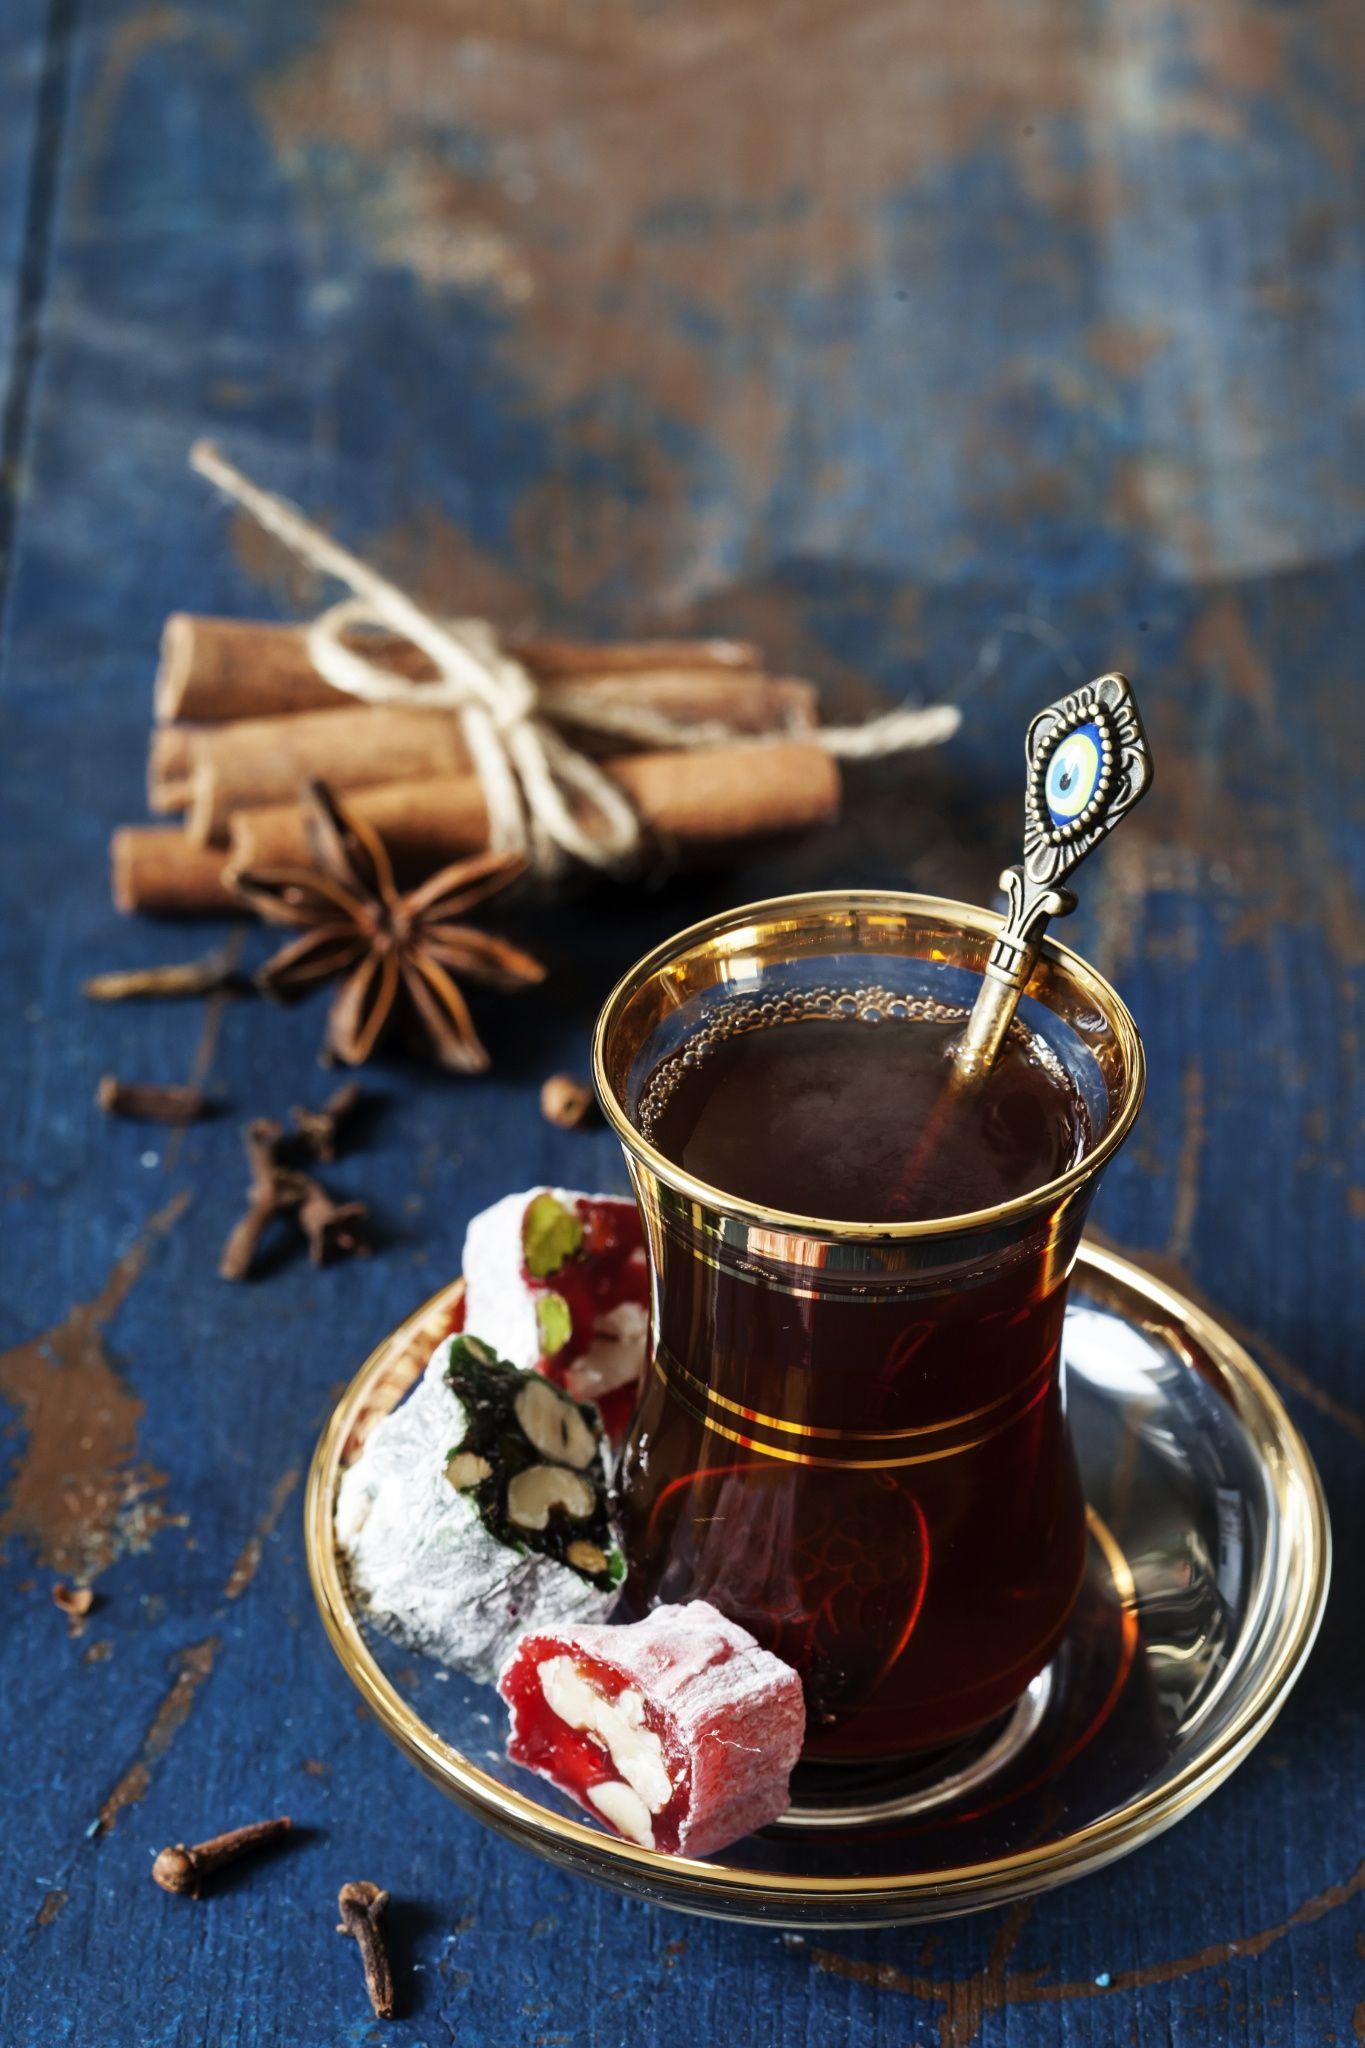 Turkish Tea And Delights By Yulia Kotina On 500px I Like